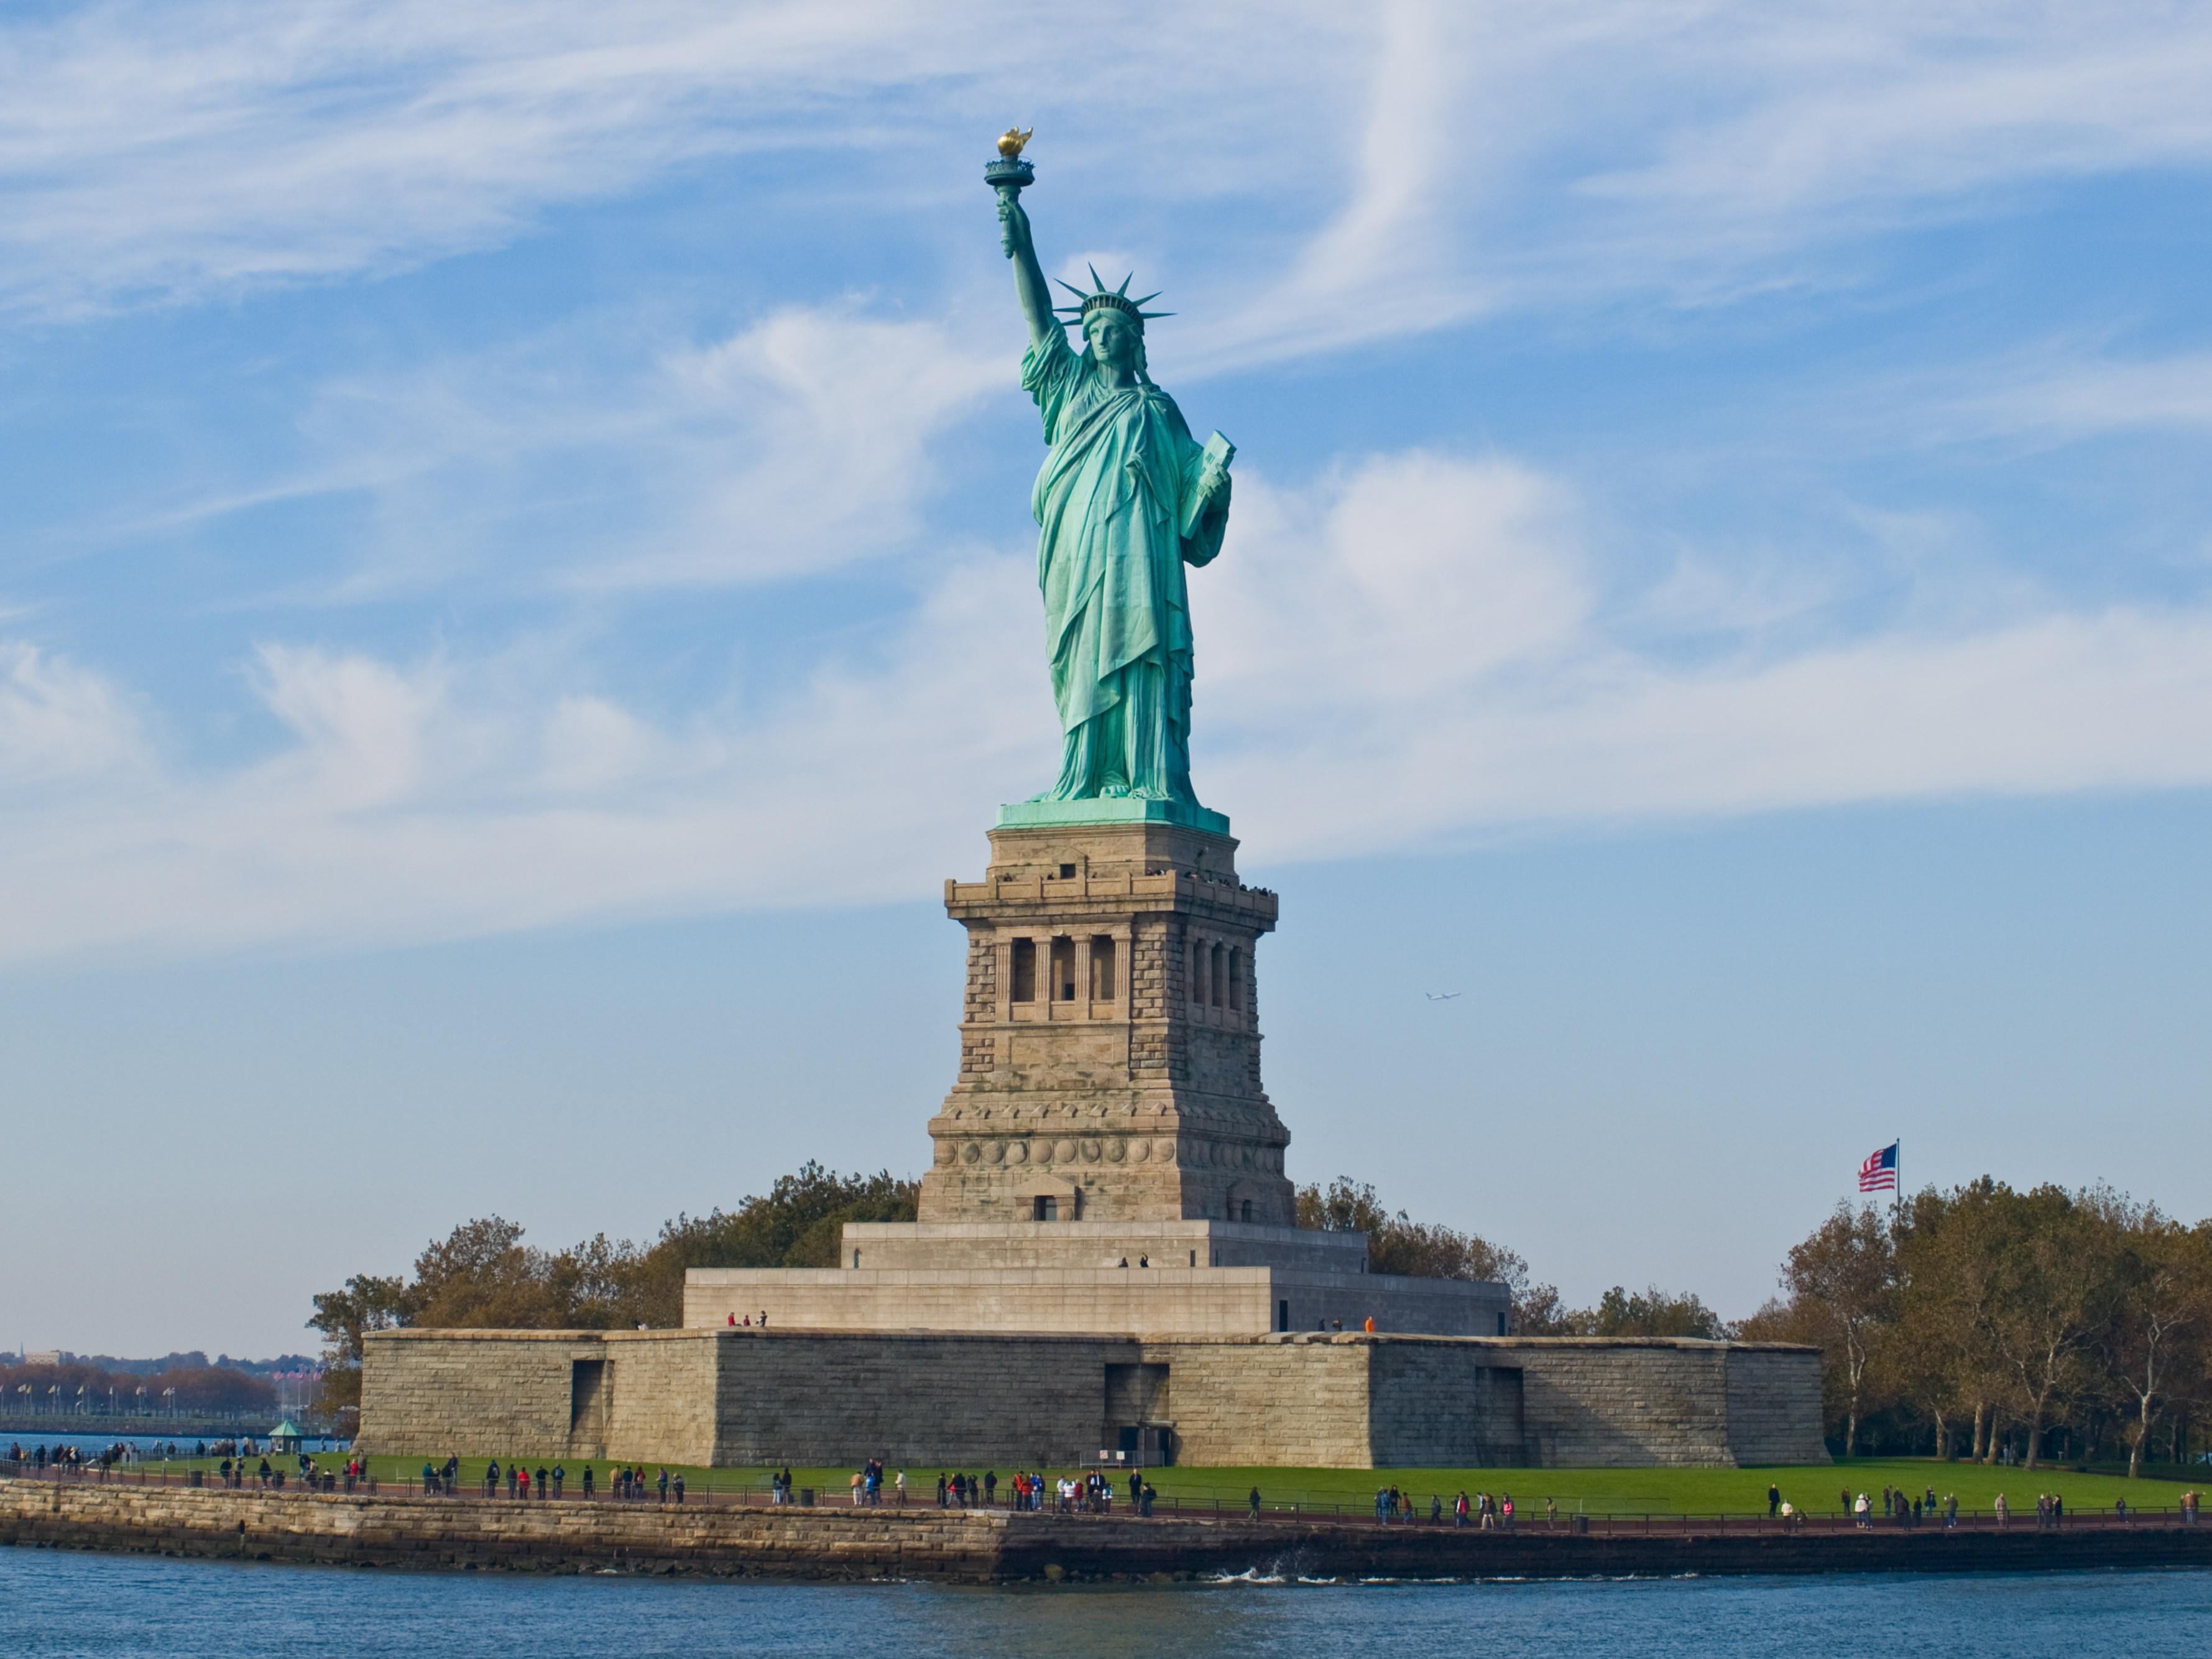 datei:statue of liberty, ny – wikipedia